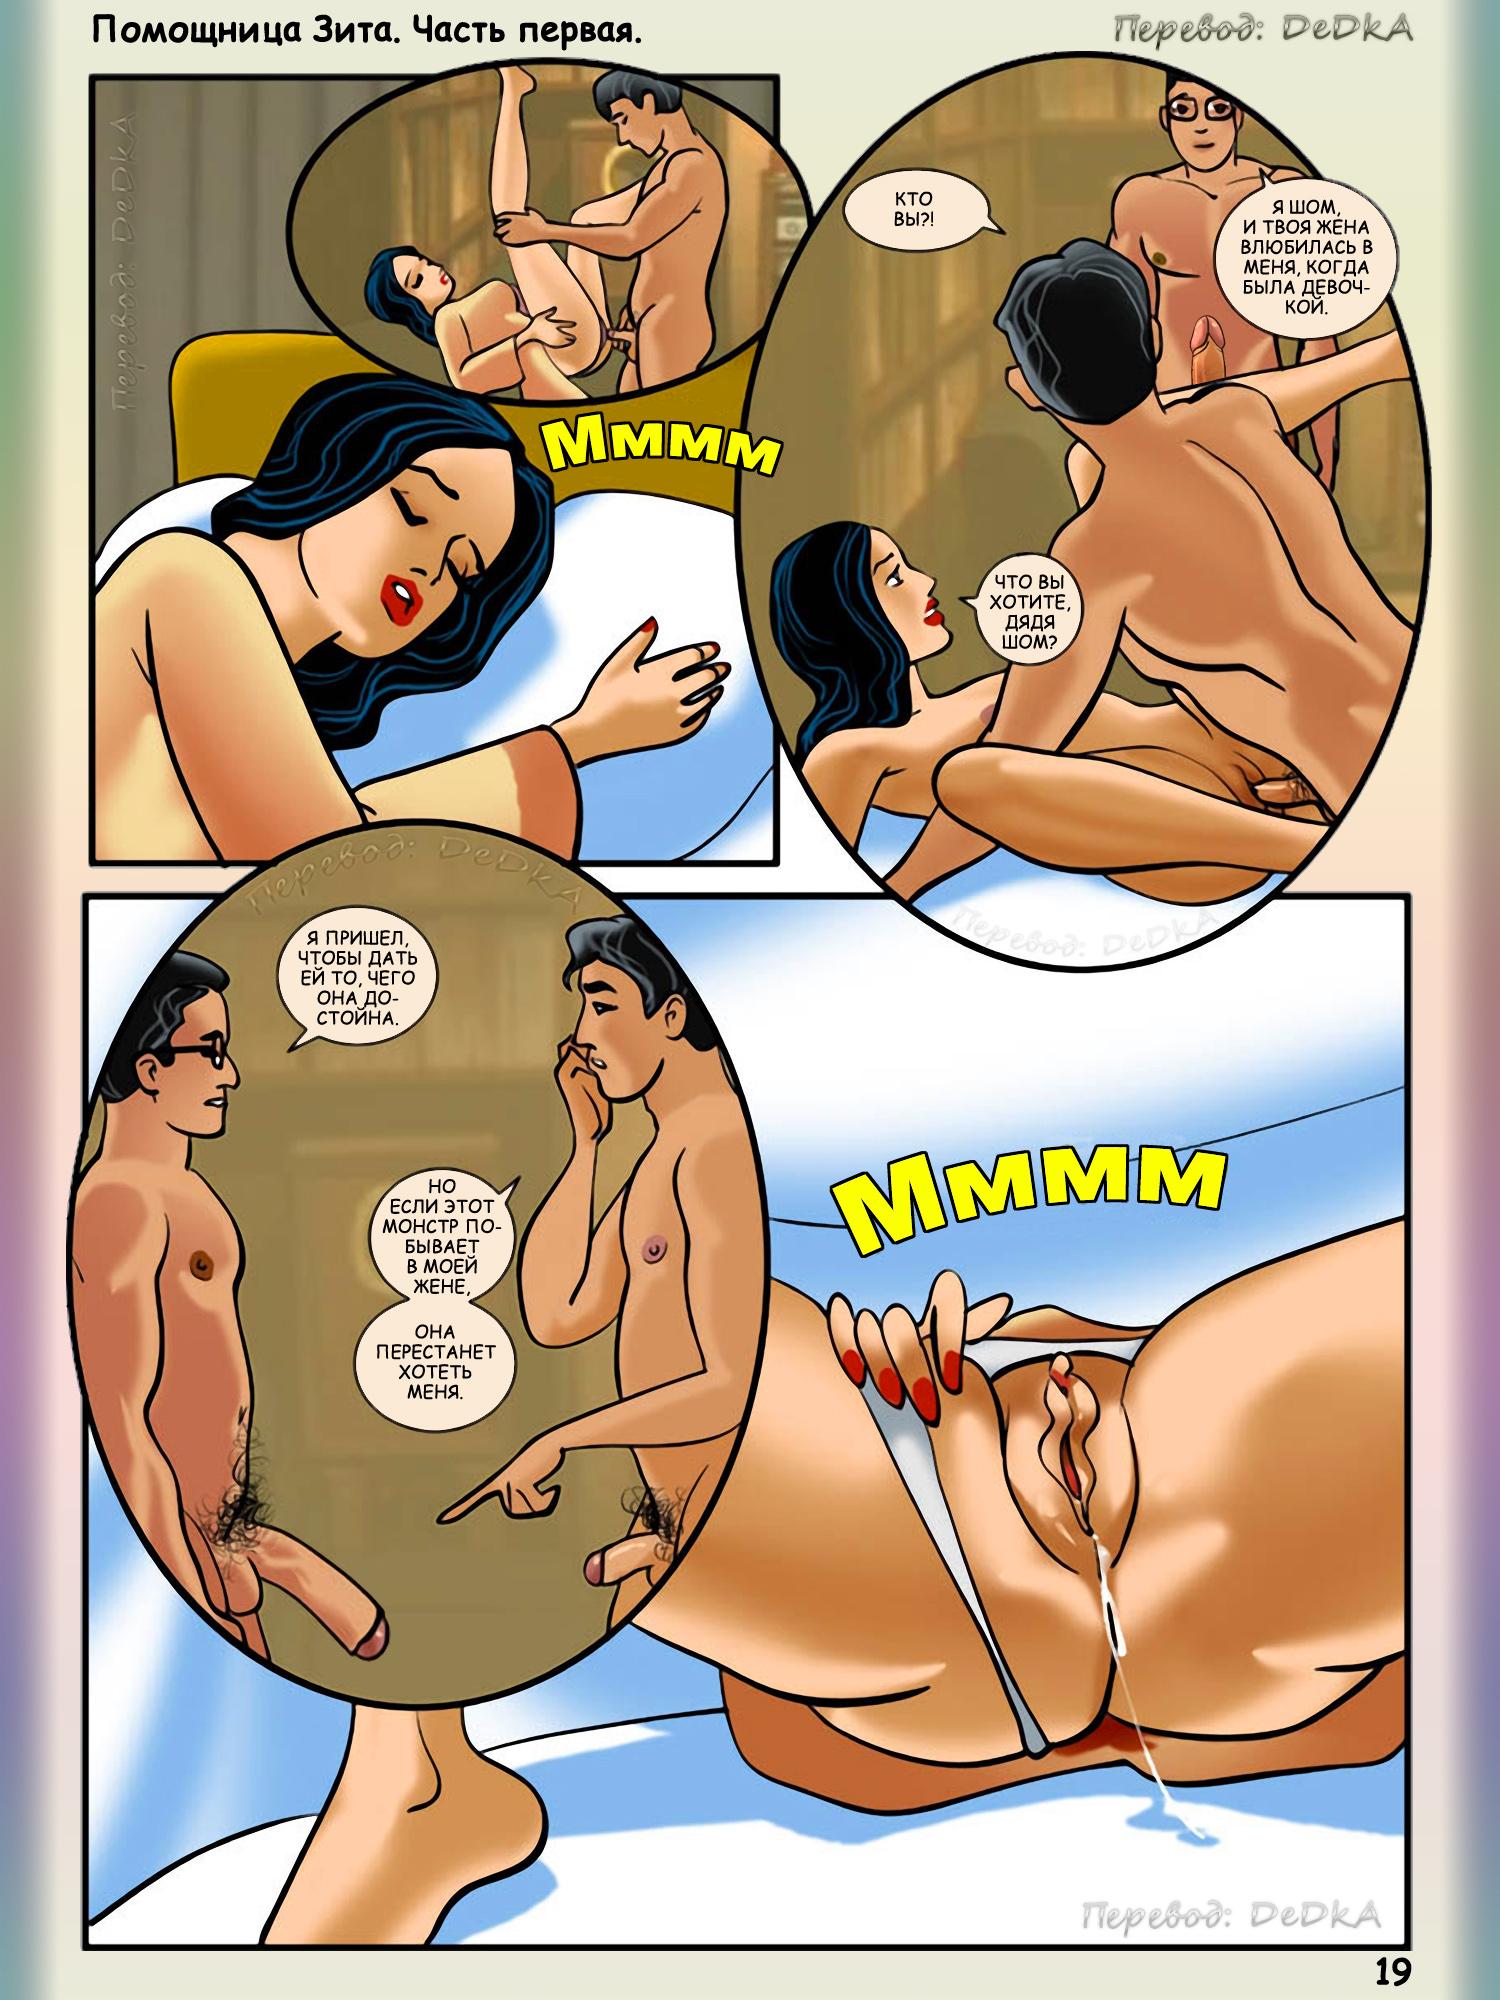 Смотреть порно онлайн помощница 12 фотография